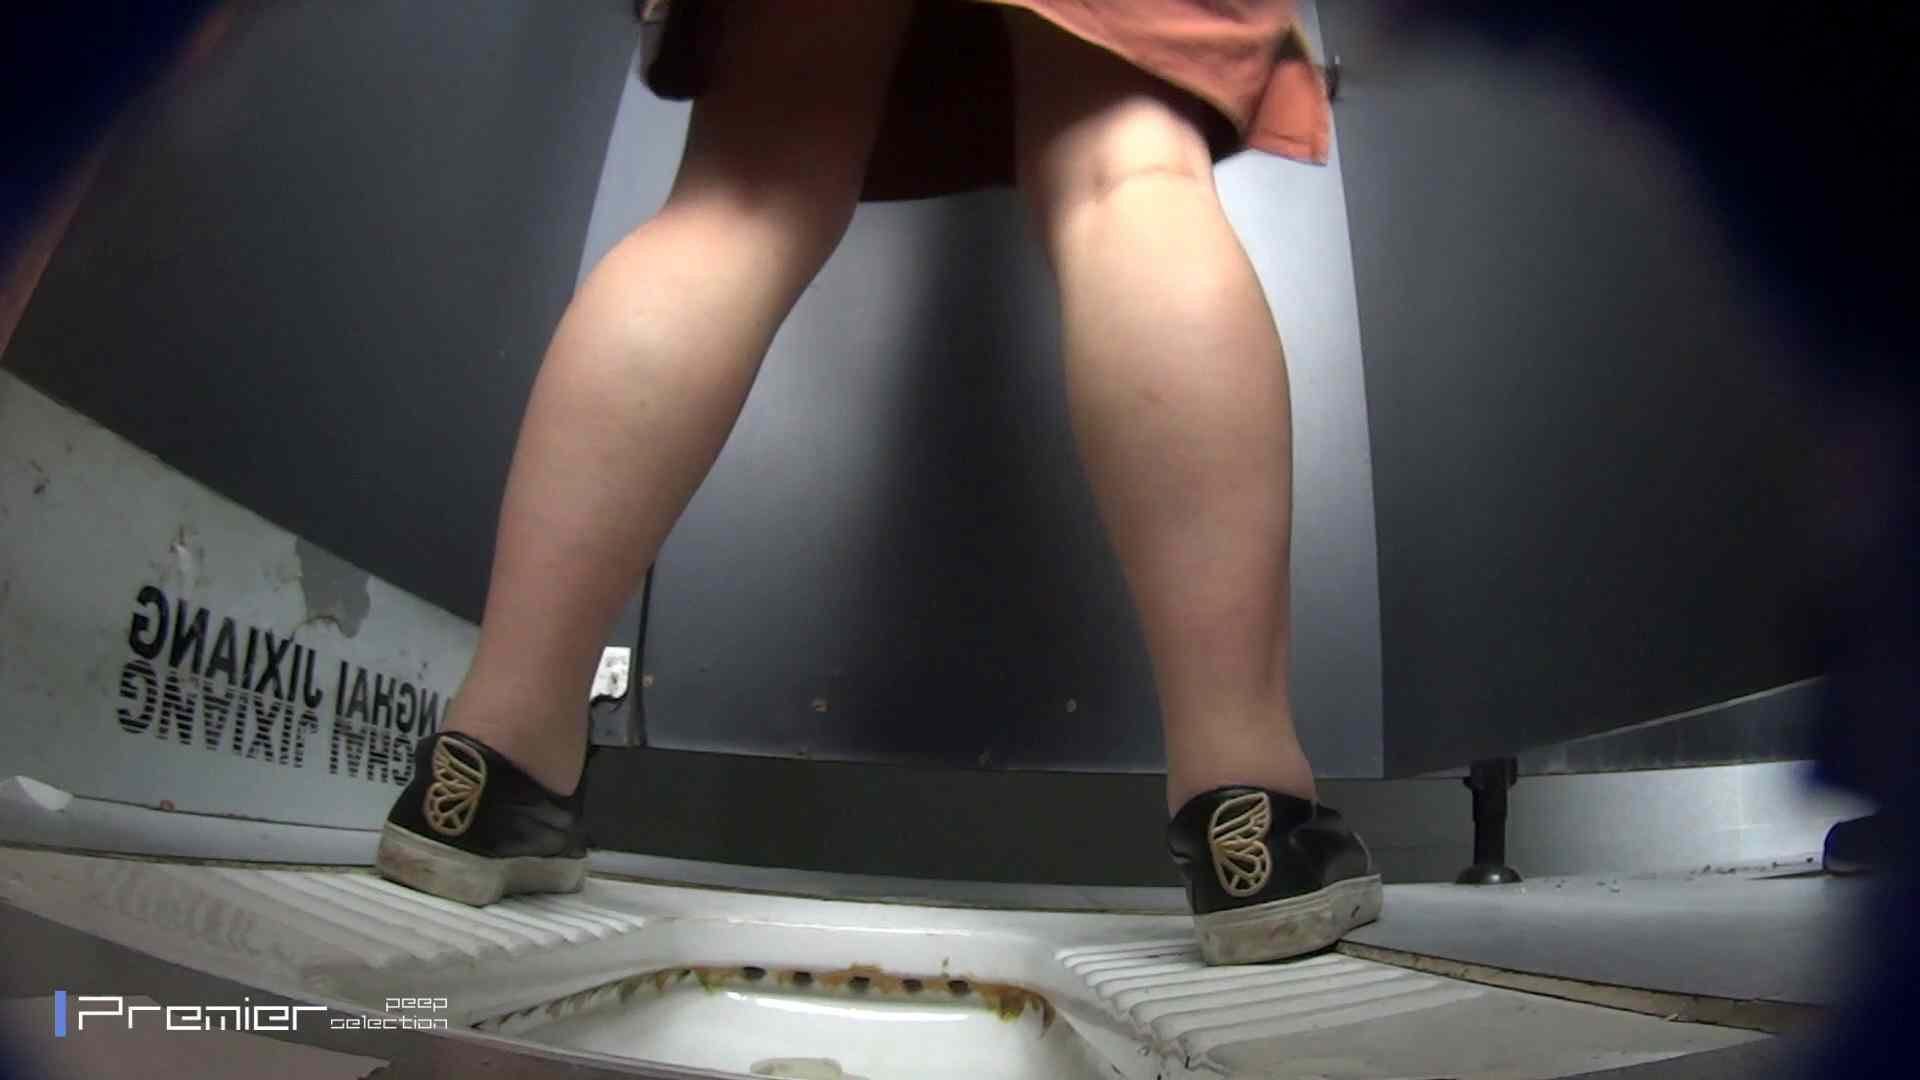 びゅーっと!オシッコ放出 大学休憩時間の洗面所事情47 洗面所 スケベ動画紹介 103PIX 22